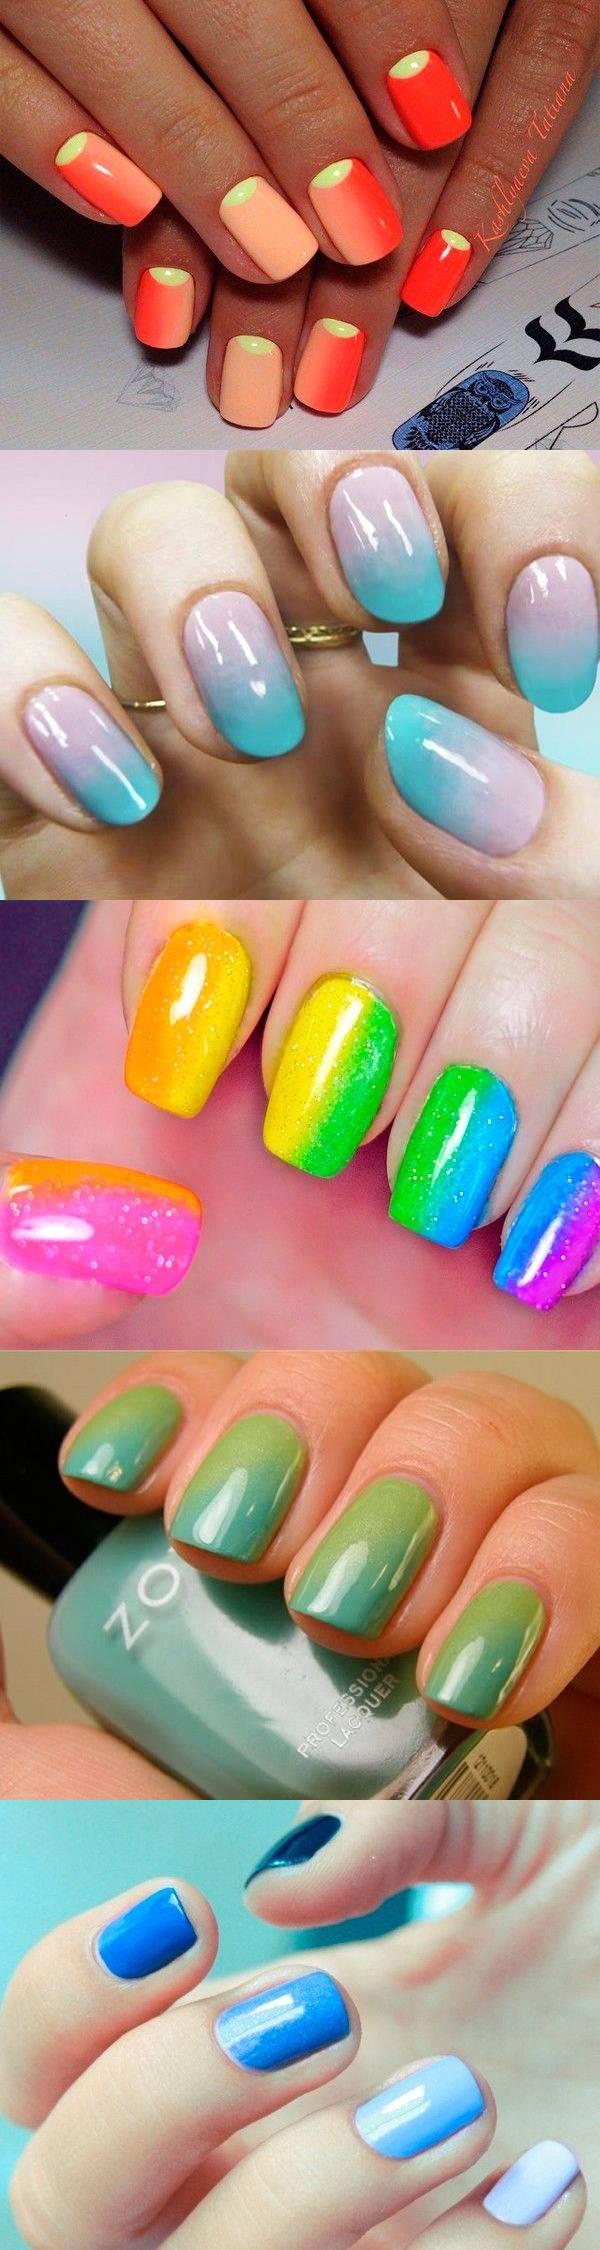 Как накрасить ногти двумя цветами. Как правильно подобрать 10